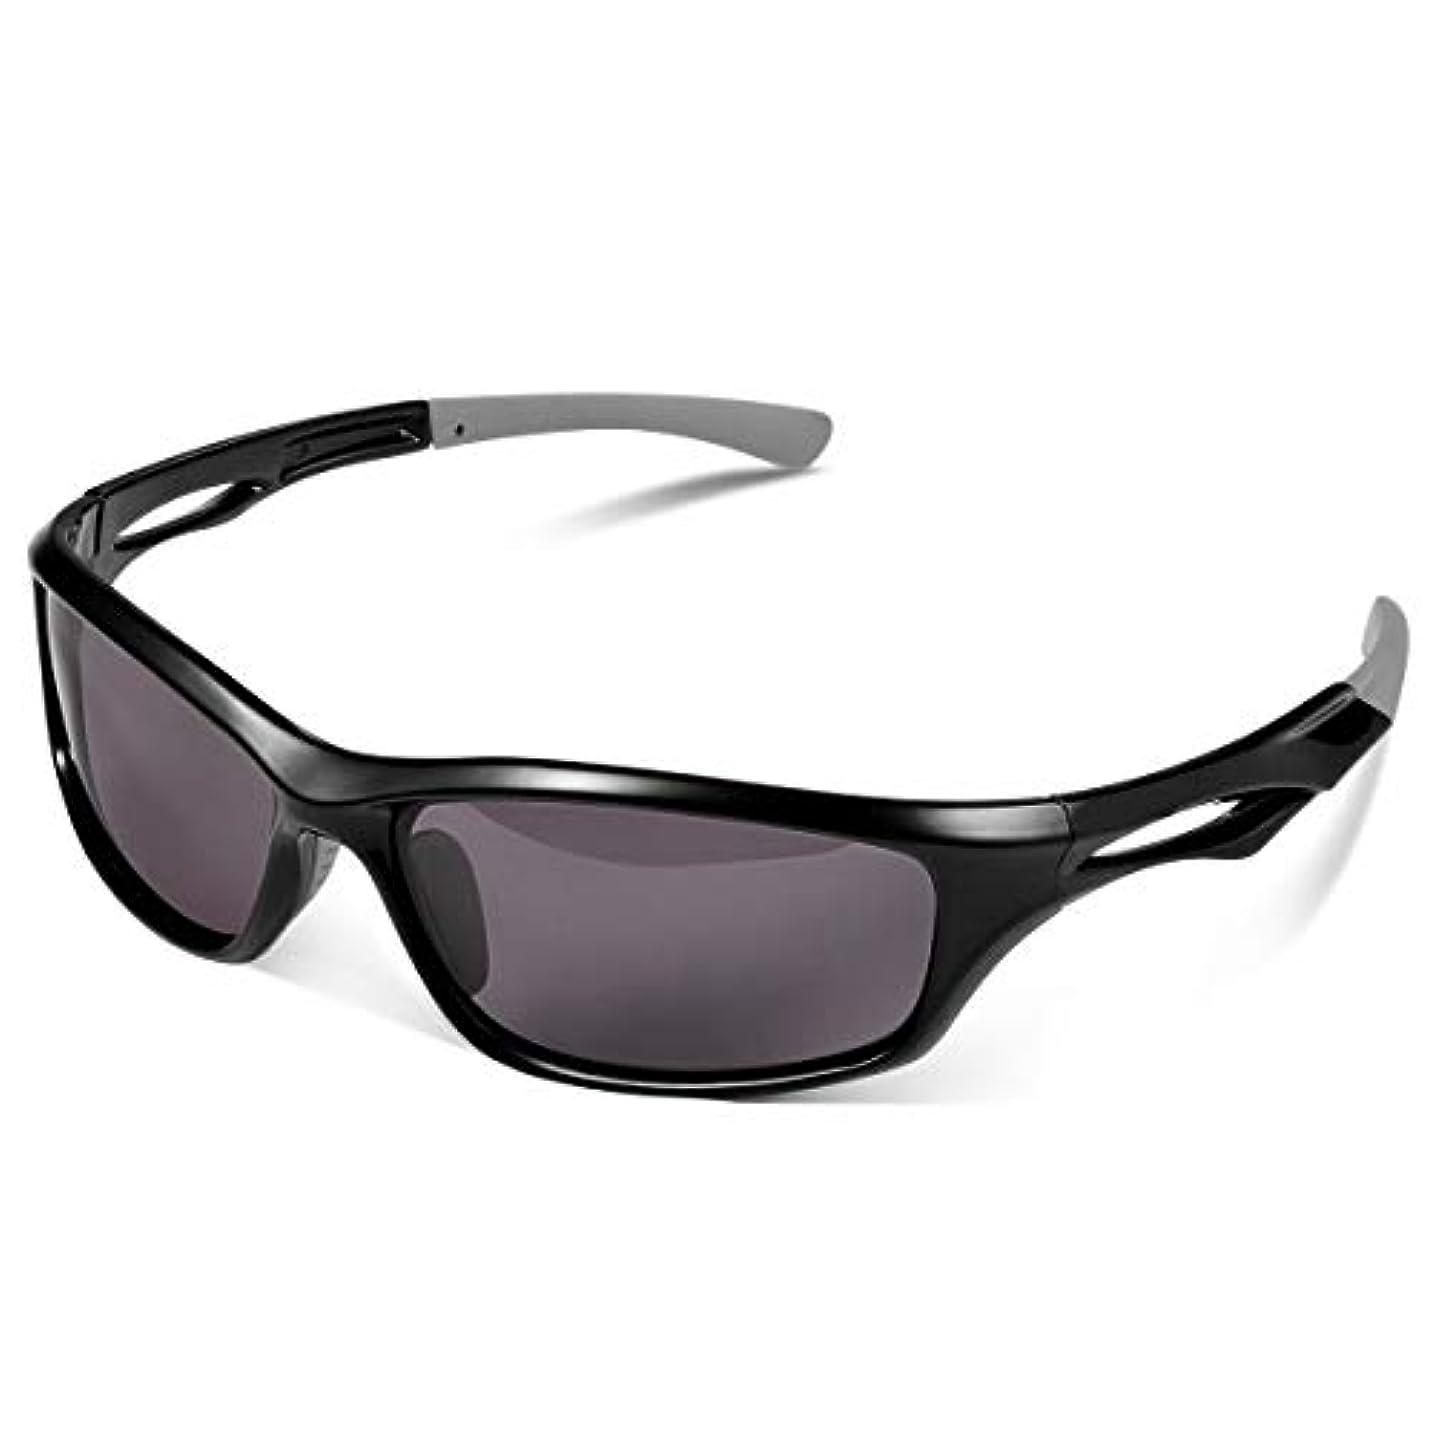 開梱科学いわゆる偏光レンズ メンズスポーツサングラス 超軽量 UV400 紫外線をカット スポーツサングラス